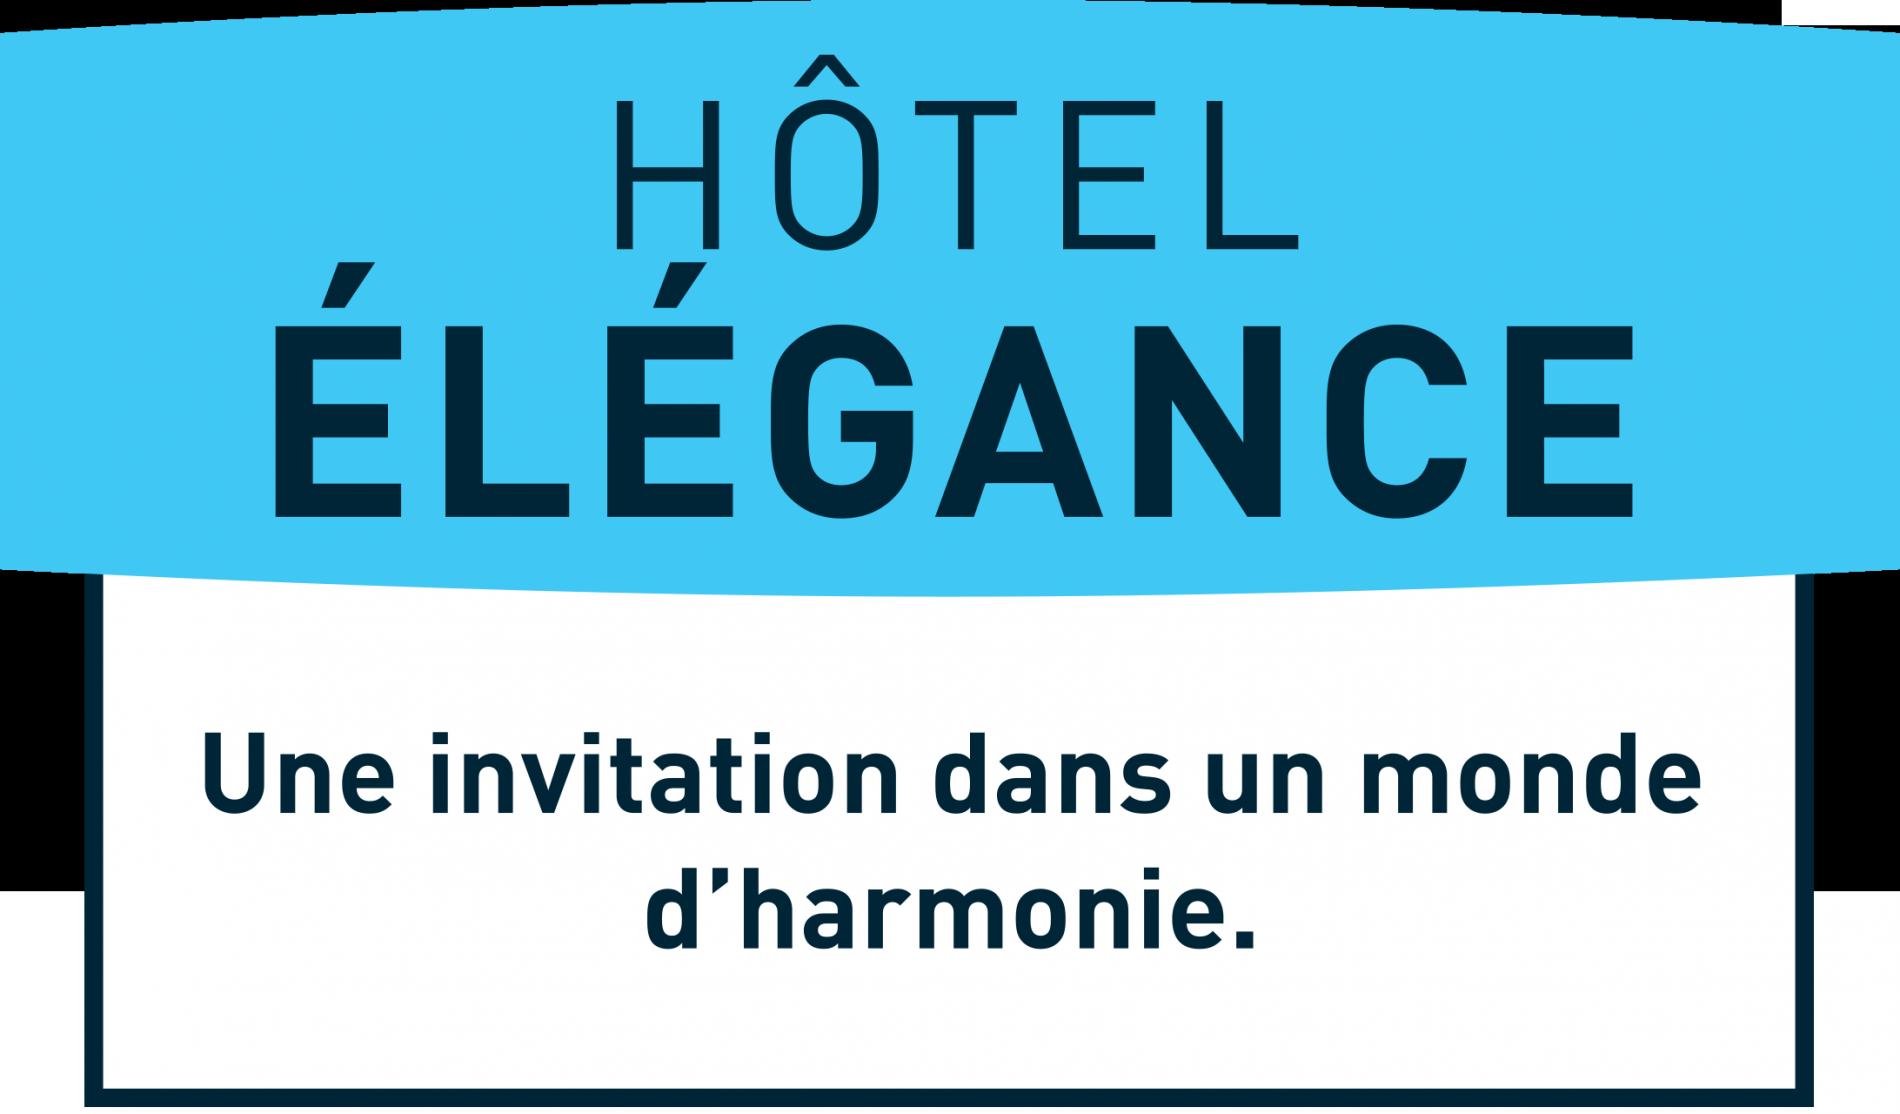 Logis Hotel élégance à A ROCHE CLERMAULT